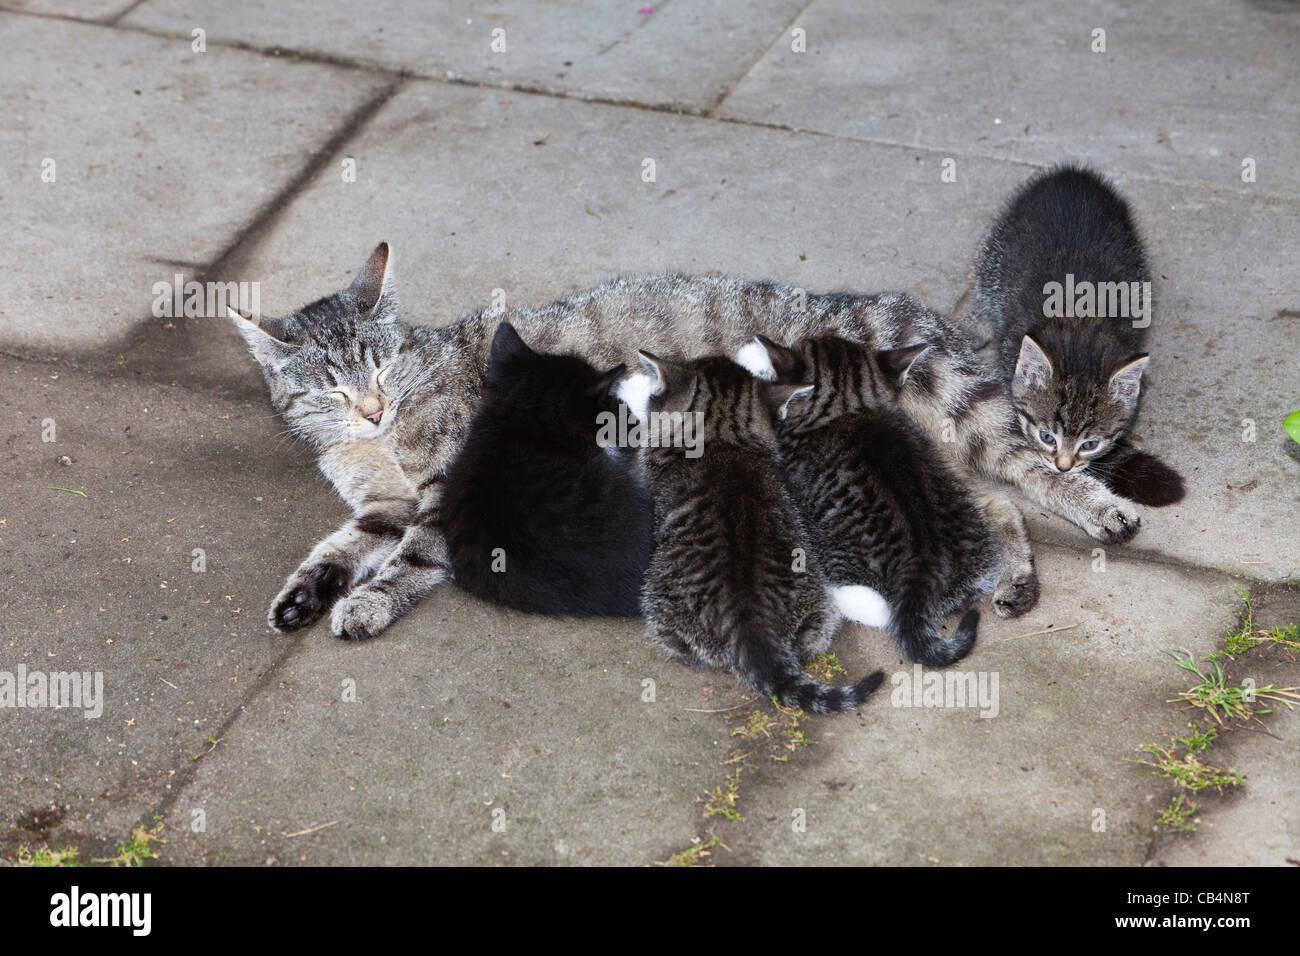 Katzenmutter, Spanferkel Kätzchen im Garten, Niedersachsen, Deutschland Stockbild